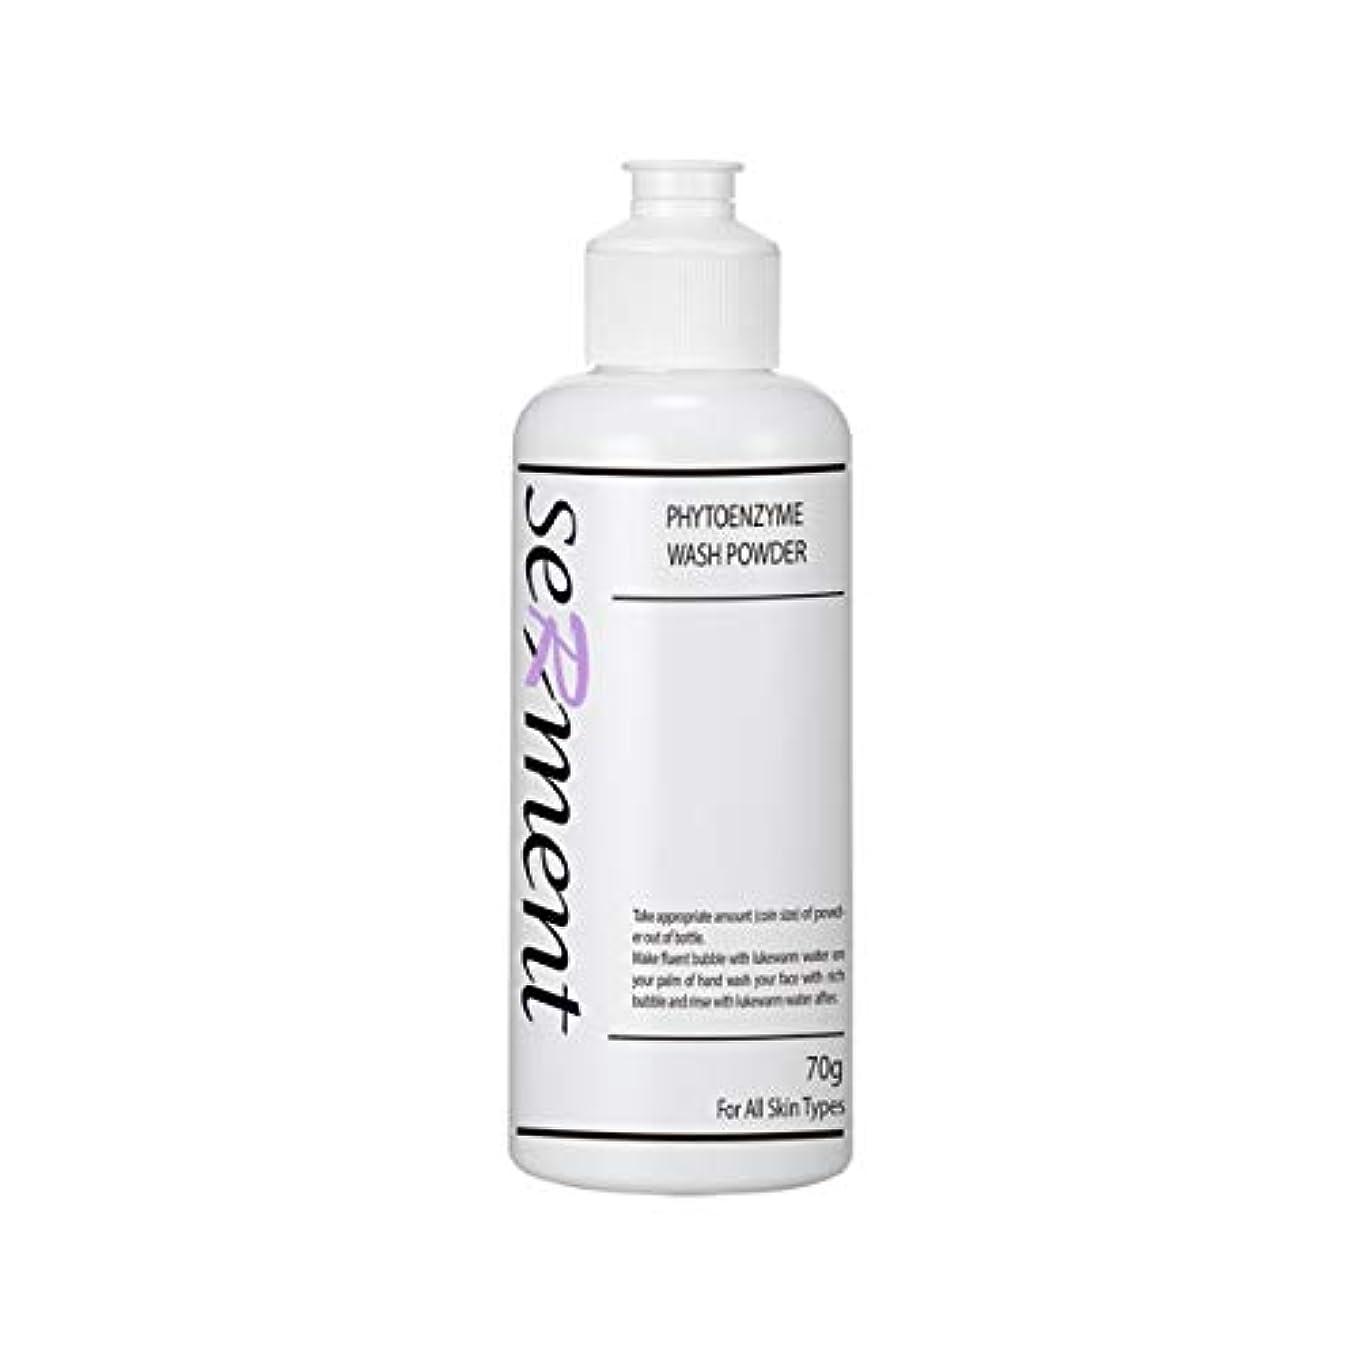 からかう長方形取り除く[Serment] Korean Cosmetics Serment Enzyme Acne Face Wash Powder 70g Cleanser, Exfoliation Hypoallergenic cleanser...